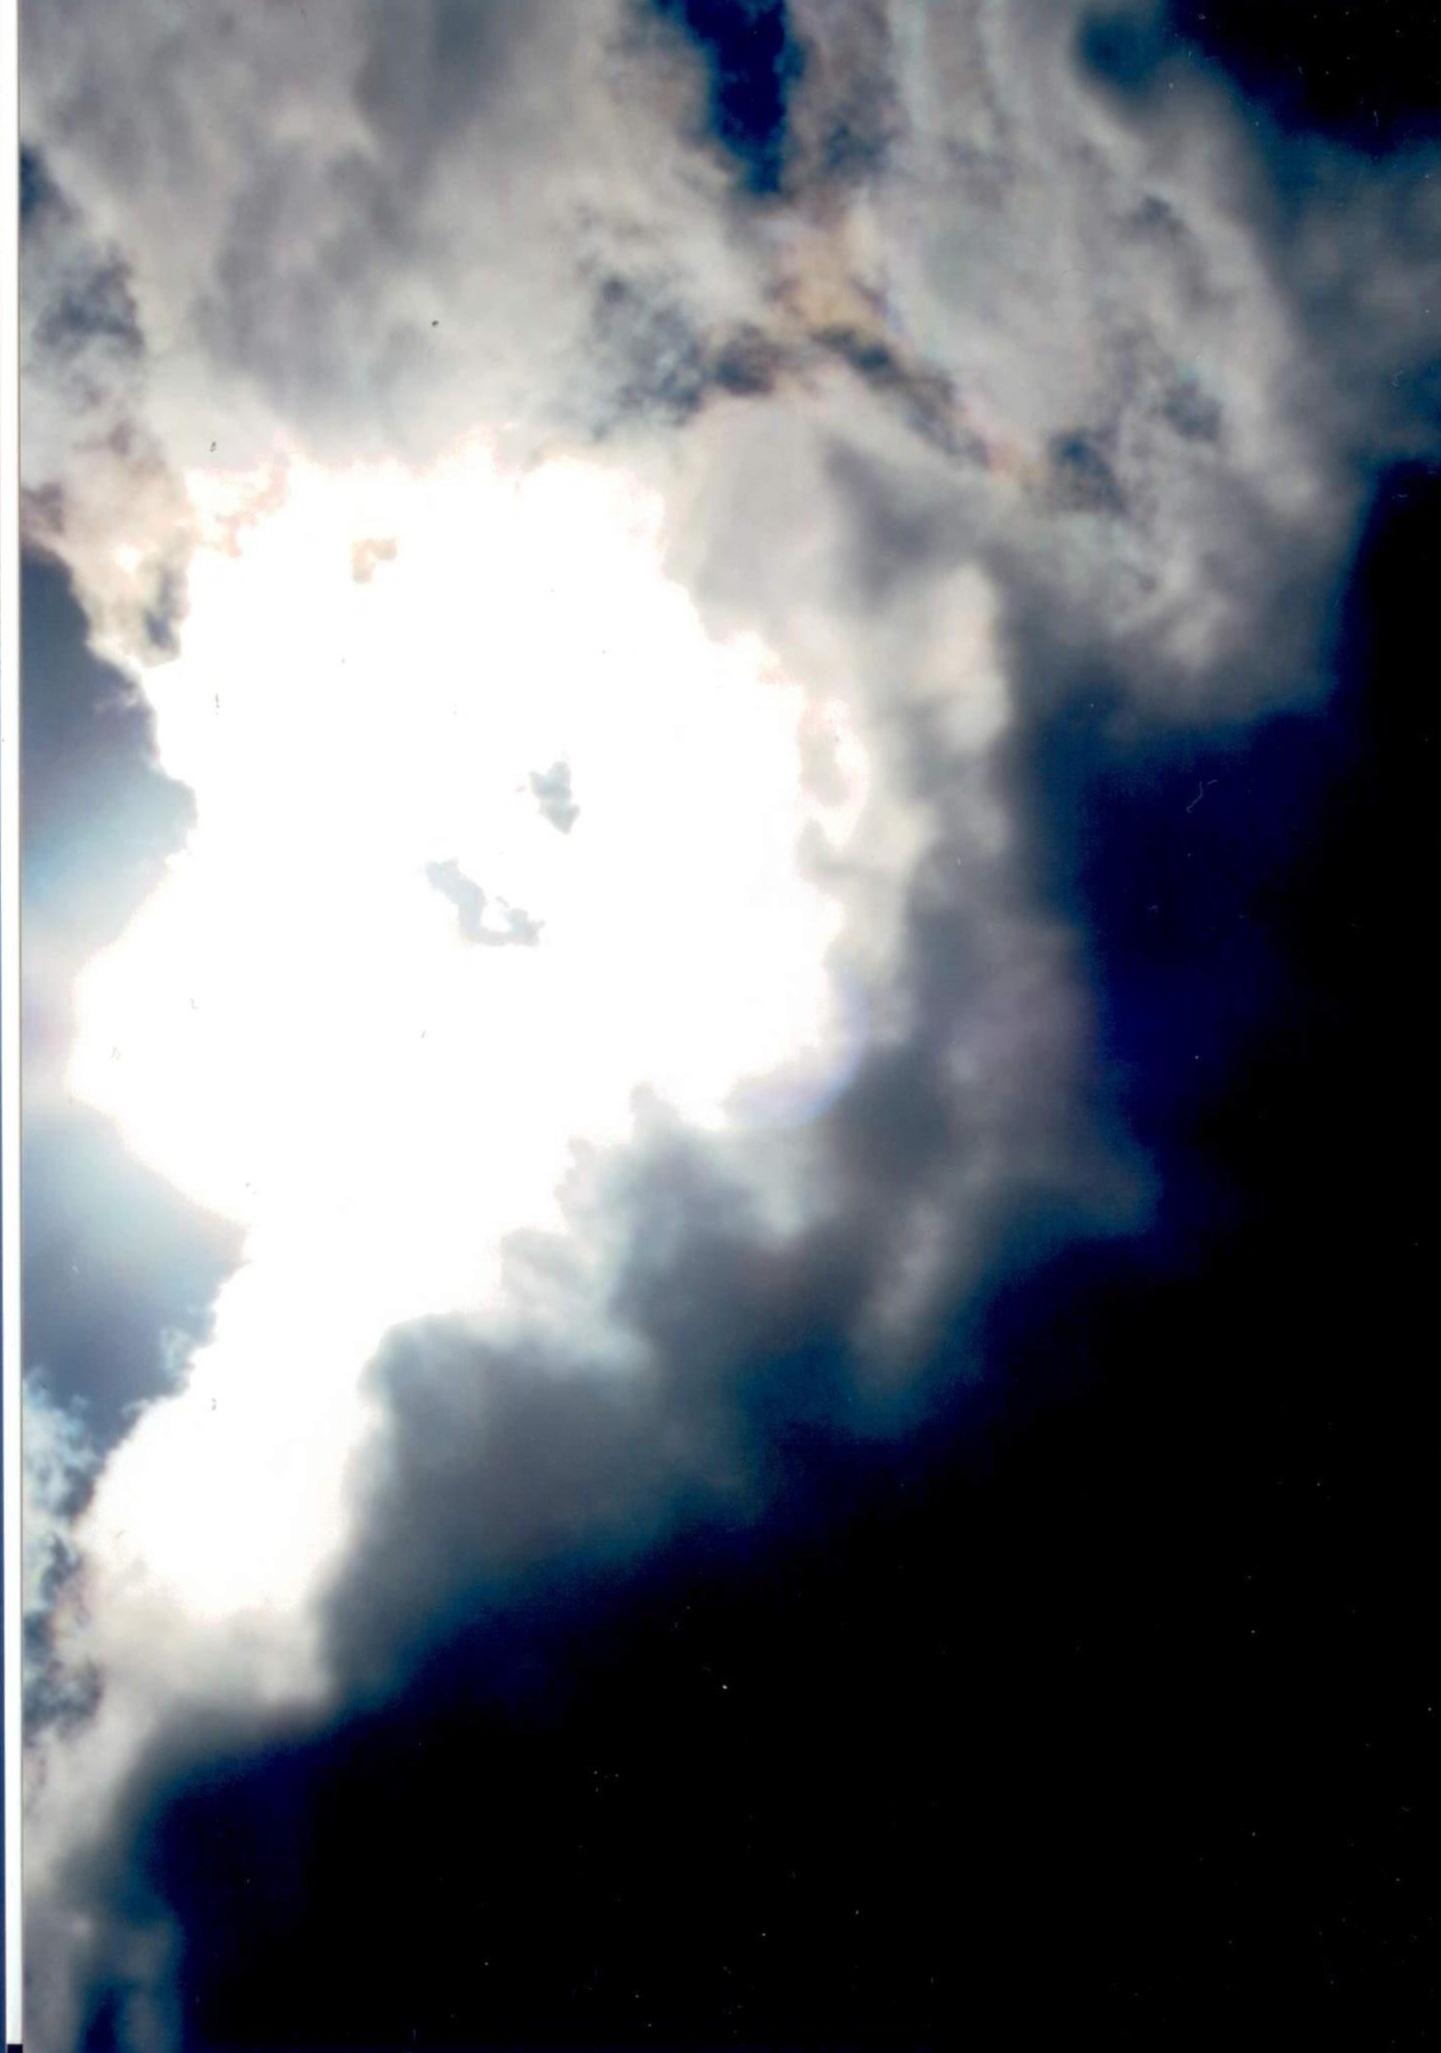 La foto del cristianesimo è molto limpida ma però sono molti pericolo con DIO UNIVERSALE chi pratica l'occulto con magia nere non vi pensate che non vi conoscono perché DIO UNIVERSALE vi prende uno alla volta su cielo e terra.